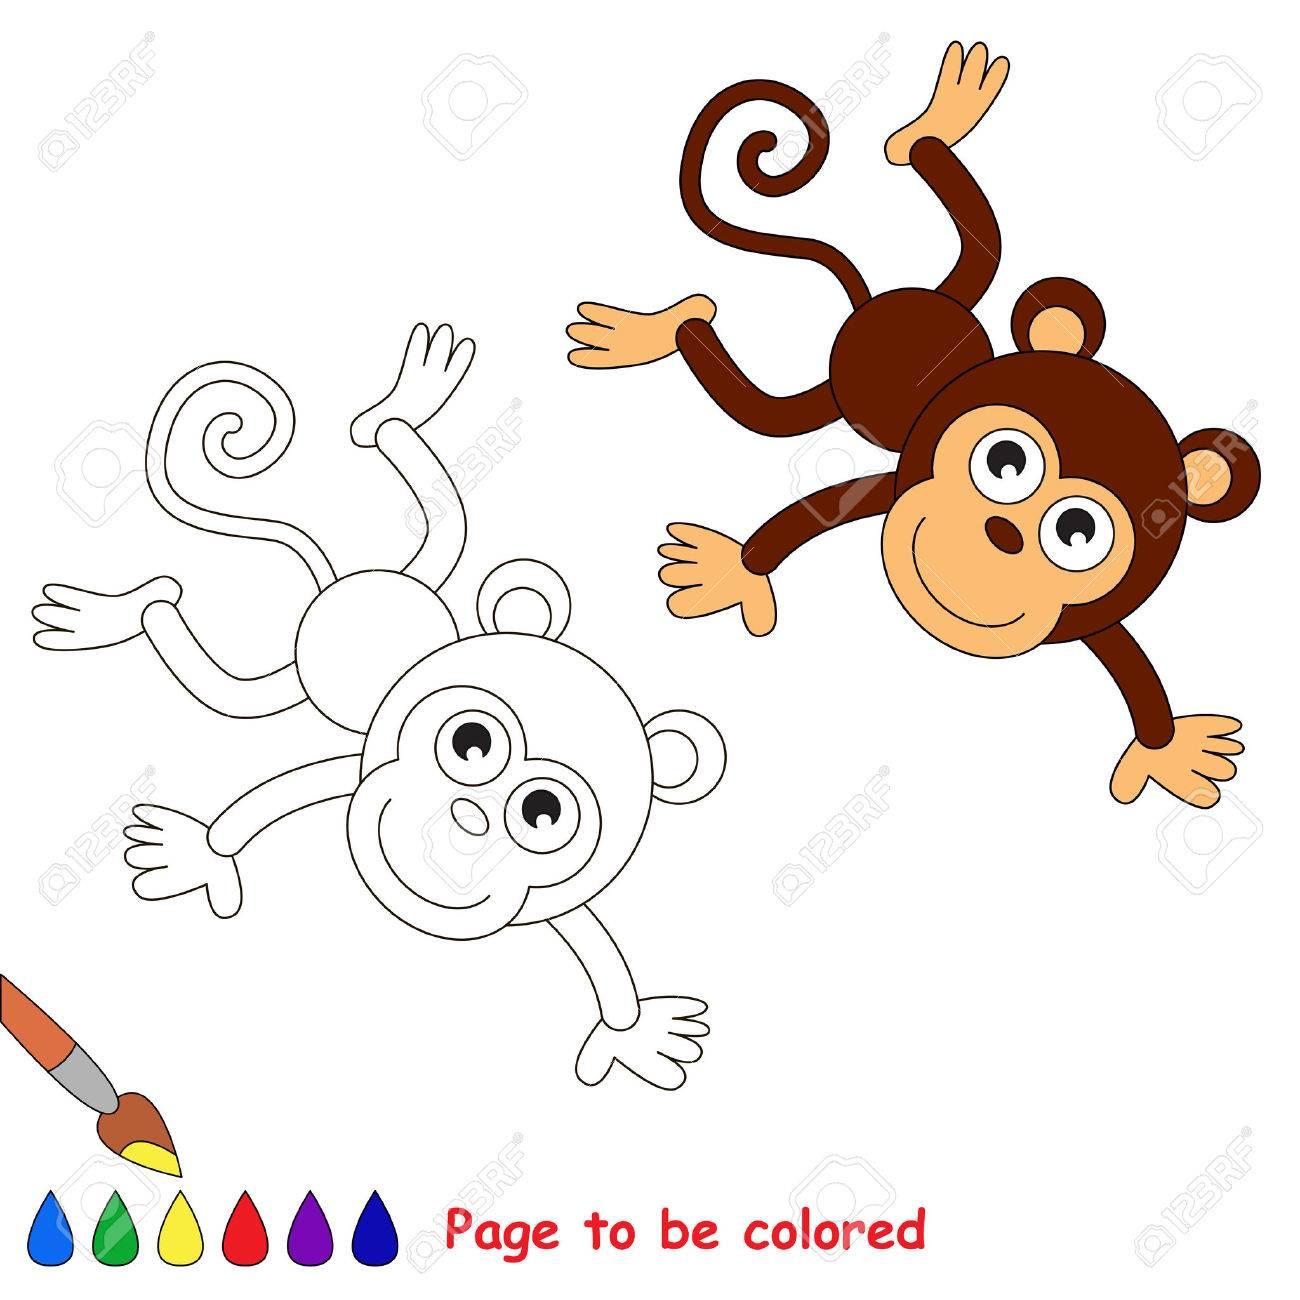 Mono En Vector De Dibujos Animados Para Colorear Libro De Colorear Para Niños